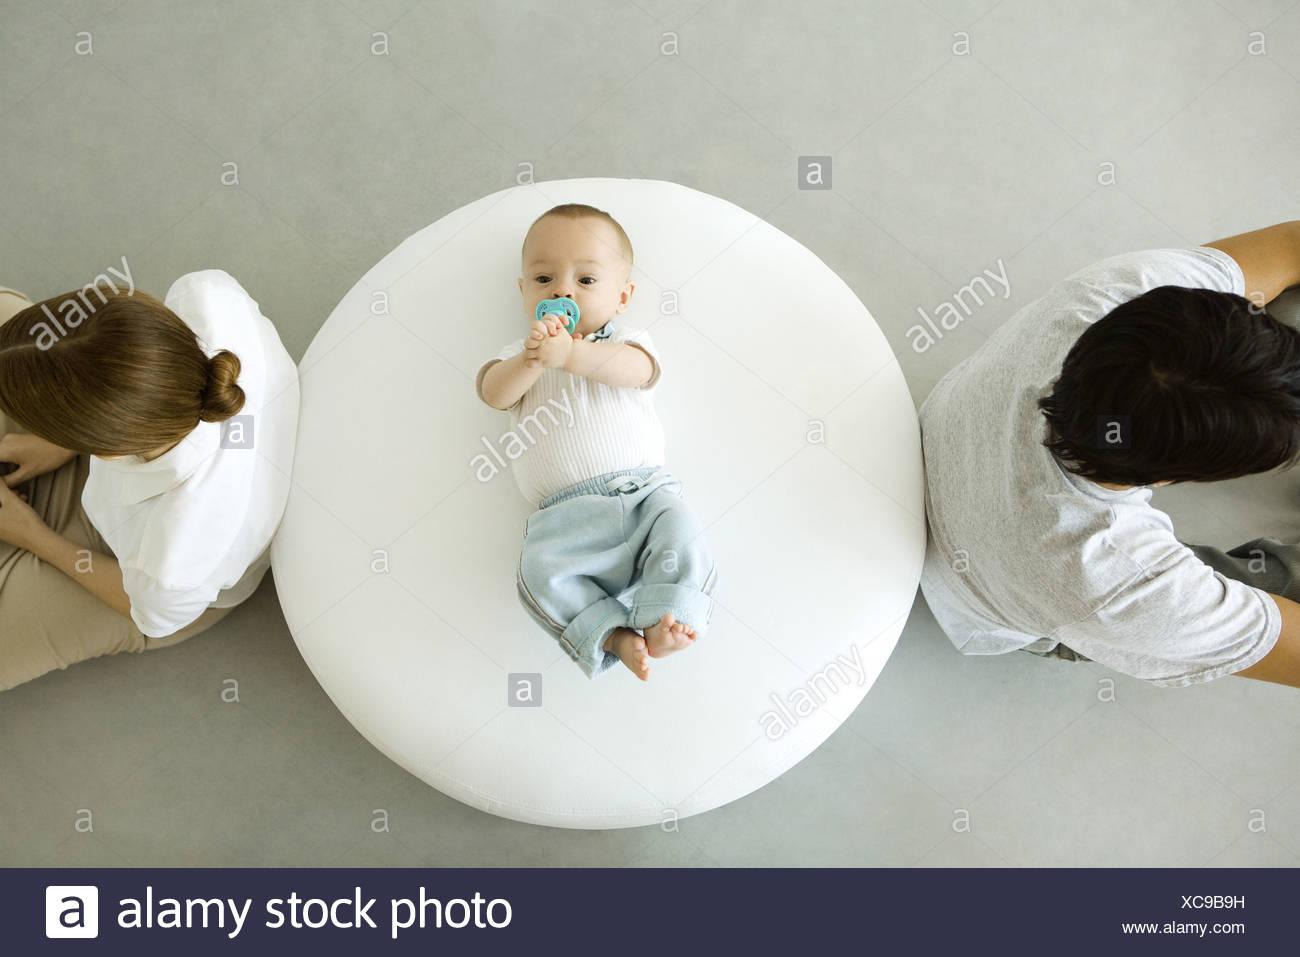 Bébé couché sur un pouf, mère et père assis avec dos tourné, overhead view Banque D'Images